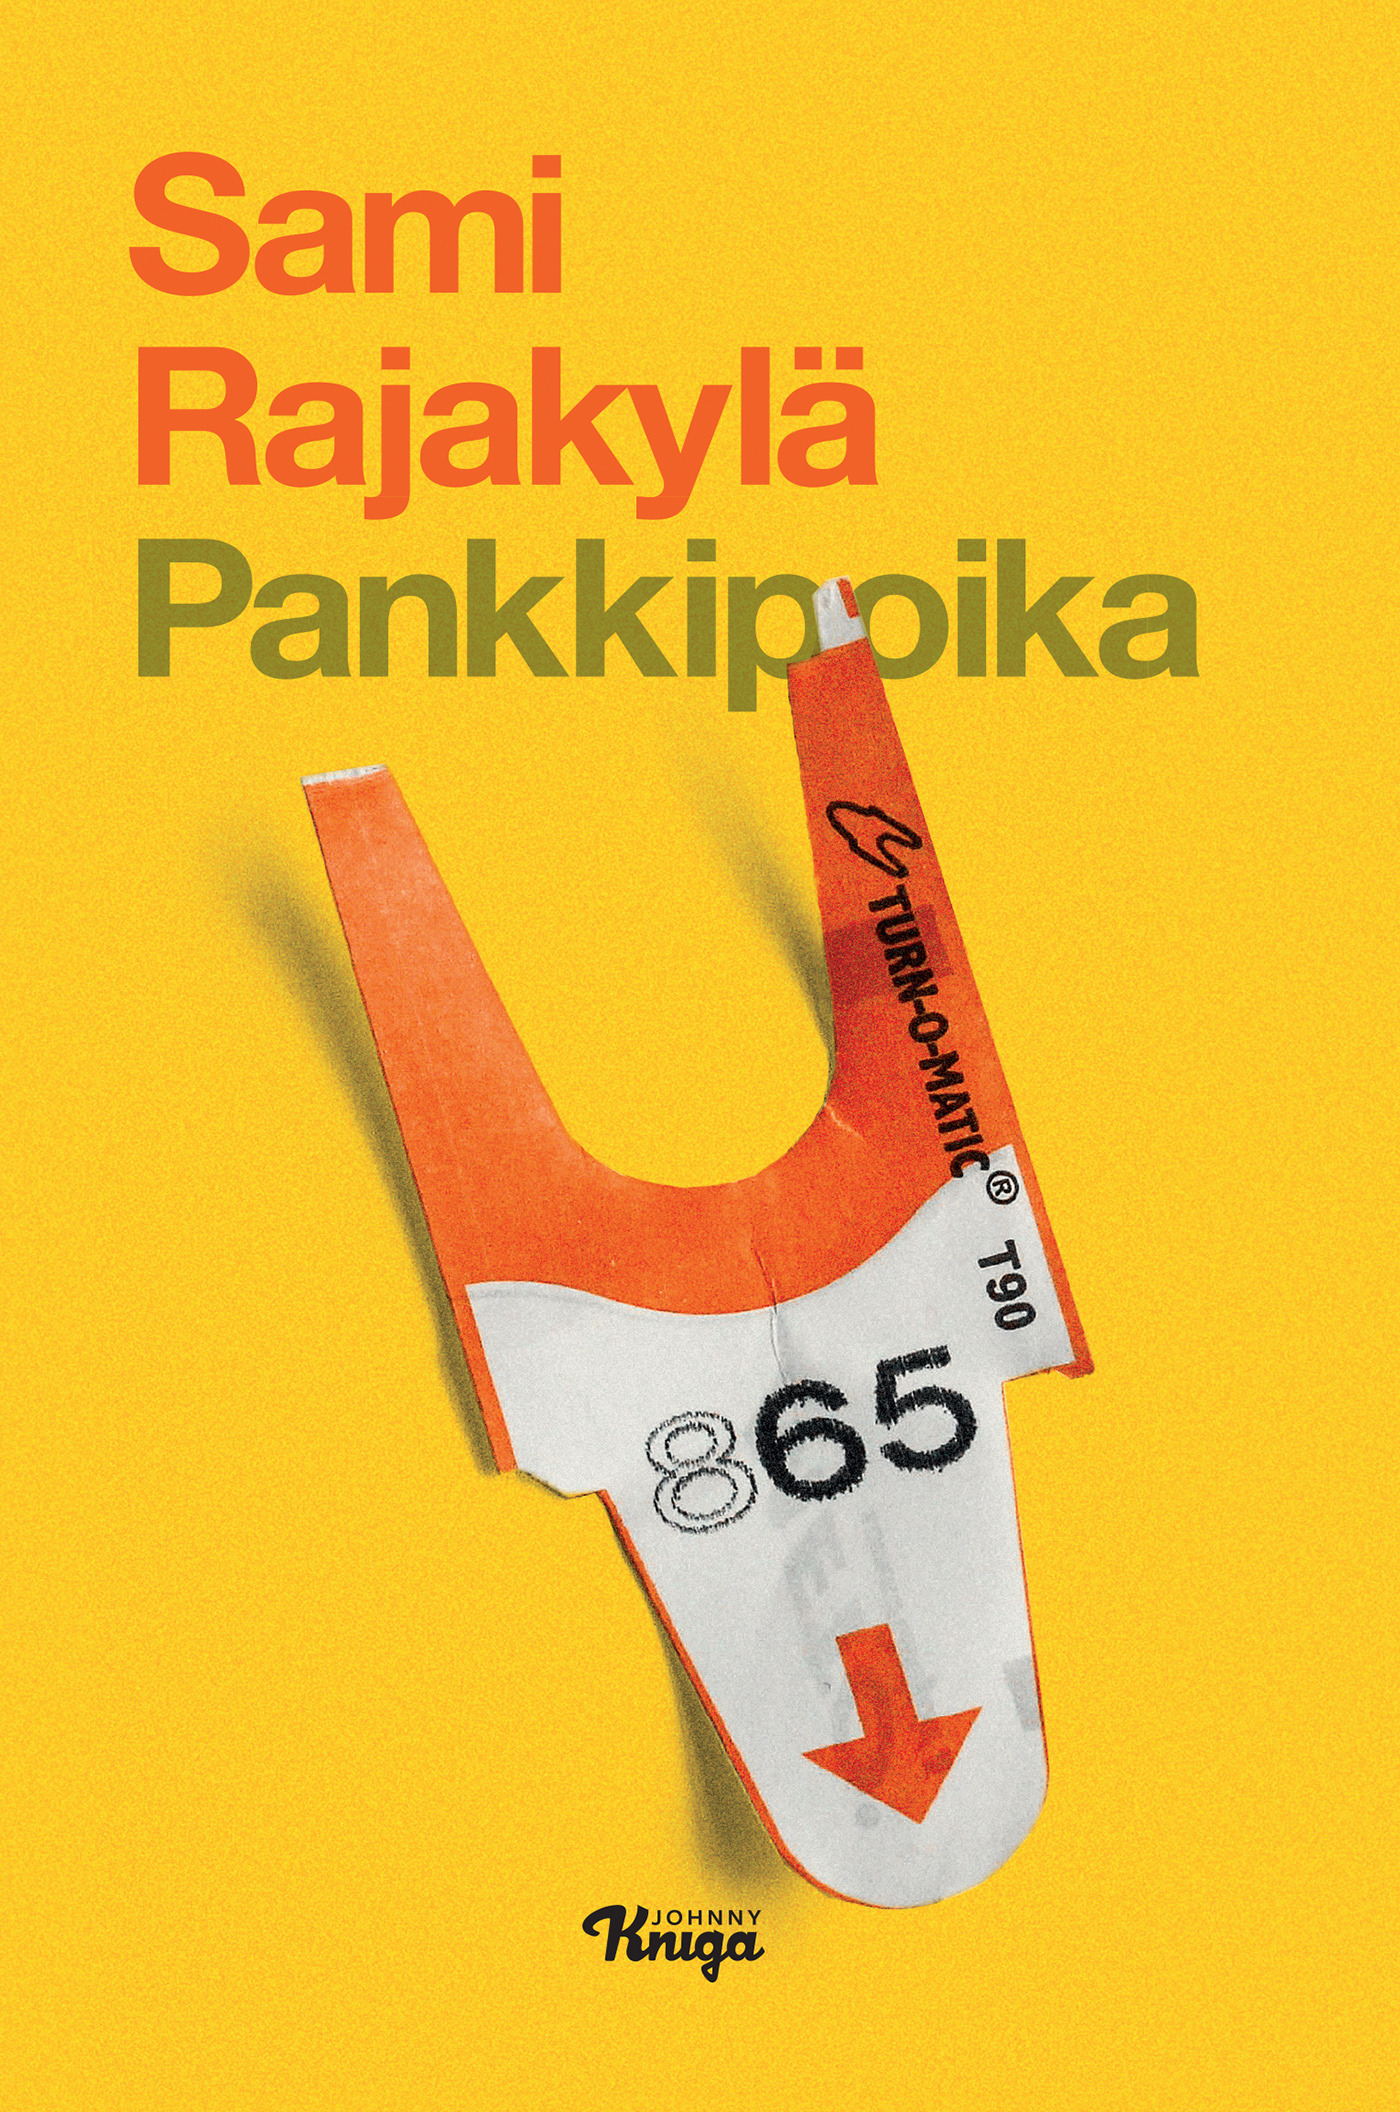 Rajakylä, Sami - Pankkipoika, e-kirja